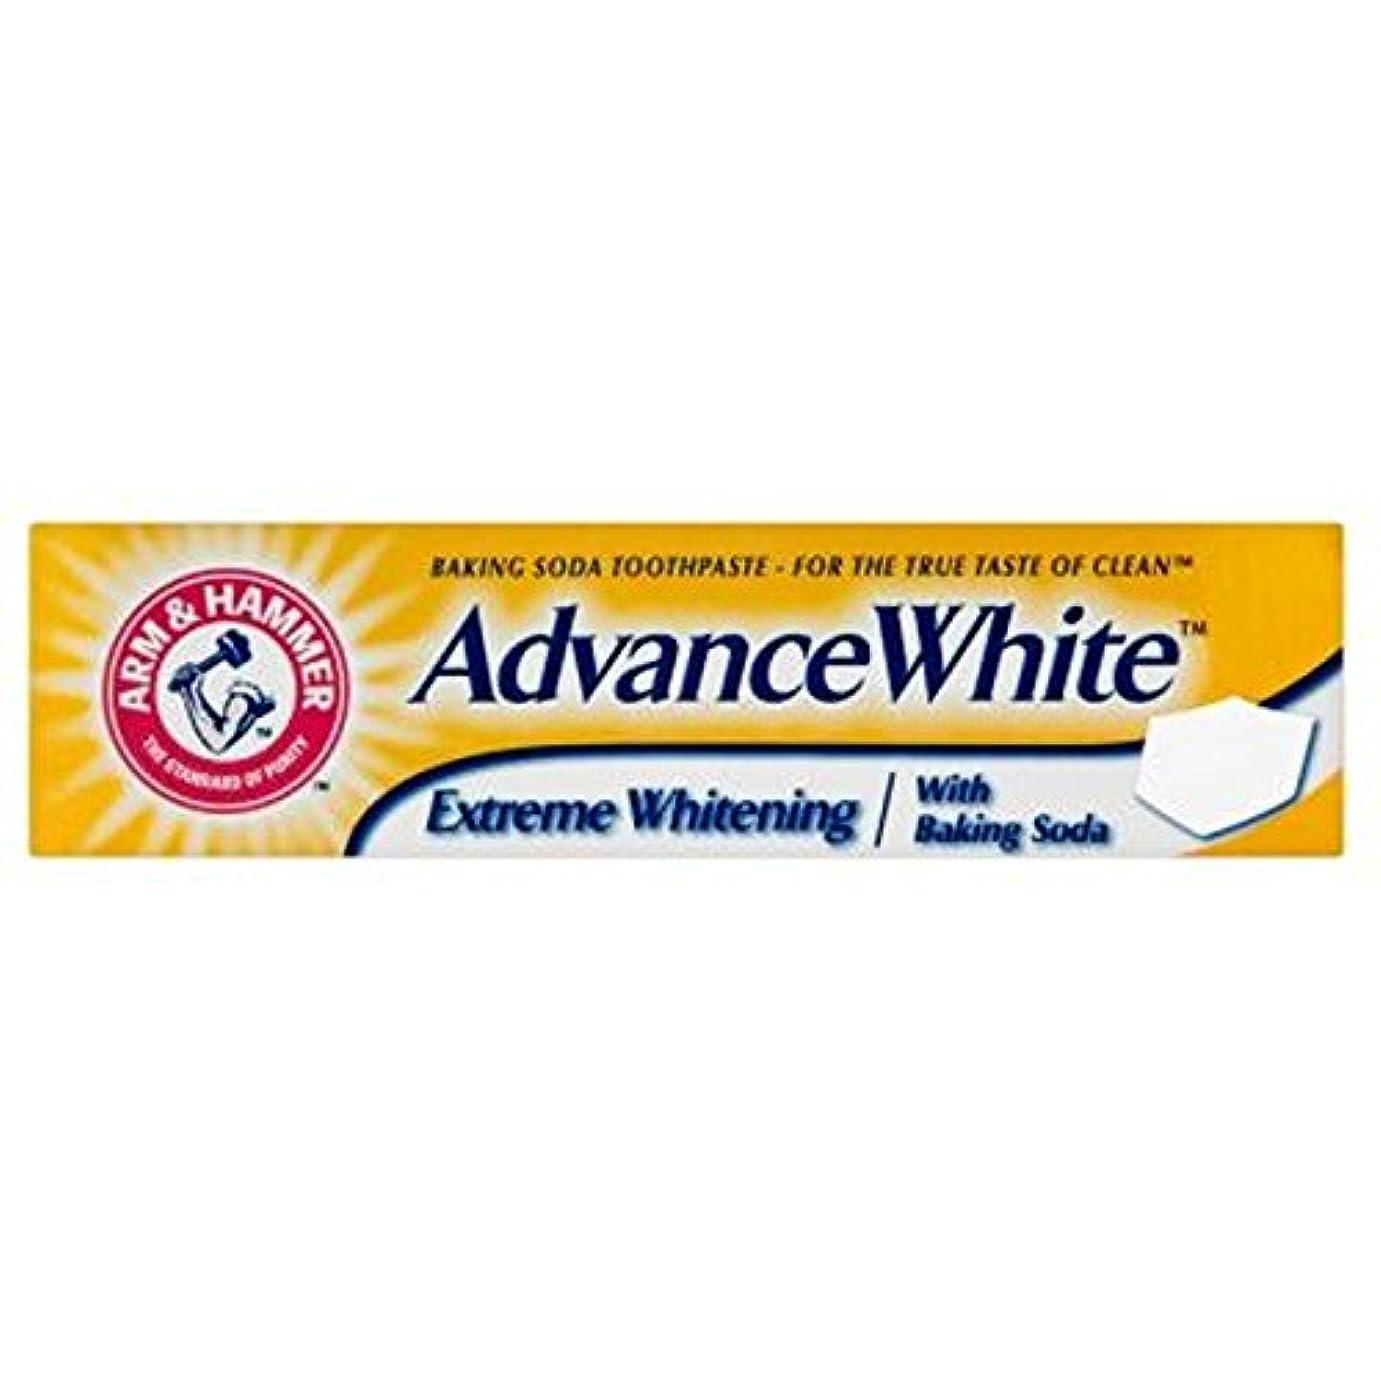 狐レッドデート東方Arm & Hammer Advance White Extreme Whitening Baking Soda Toothpaste 75ml - 重曹歯磨き粉75ミリリットルをホワイトニングアーム&ハンマー事前白極端...